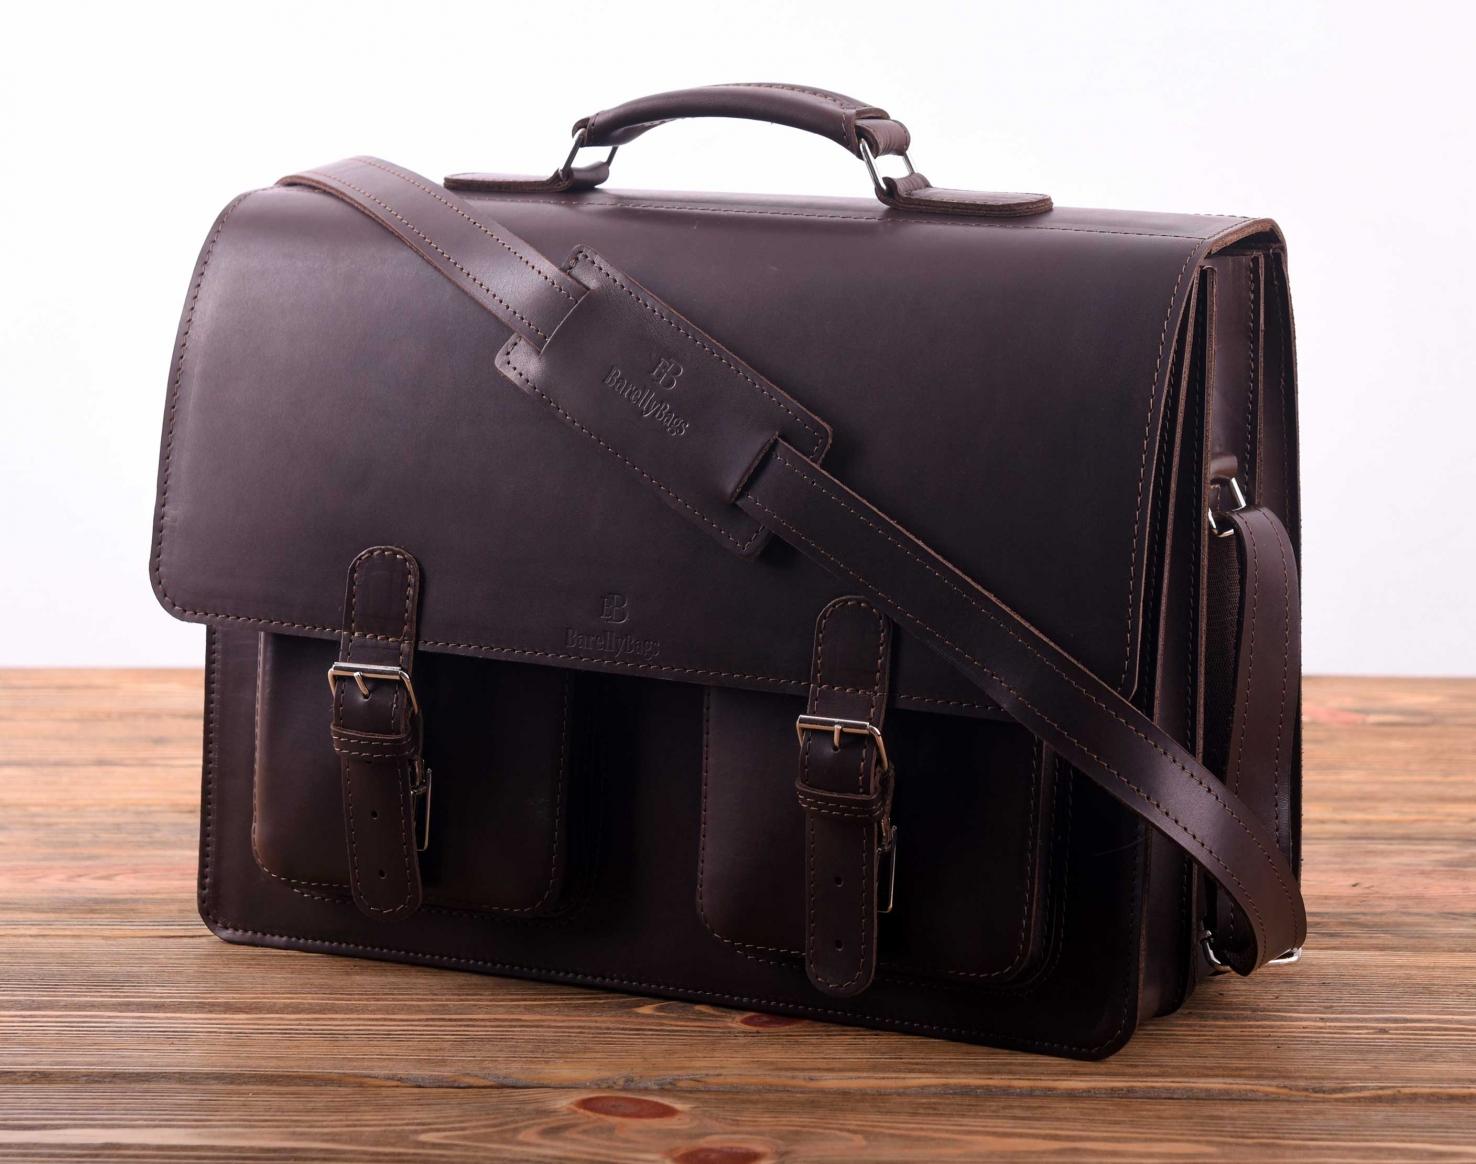 fa9c2321a2cc84 torby skórzane, torby męskie, aktówki skórzane, torba skórzana, producent  galanterii skórzanej,